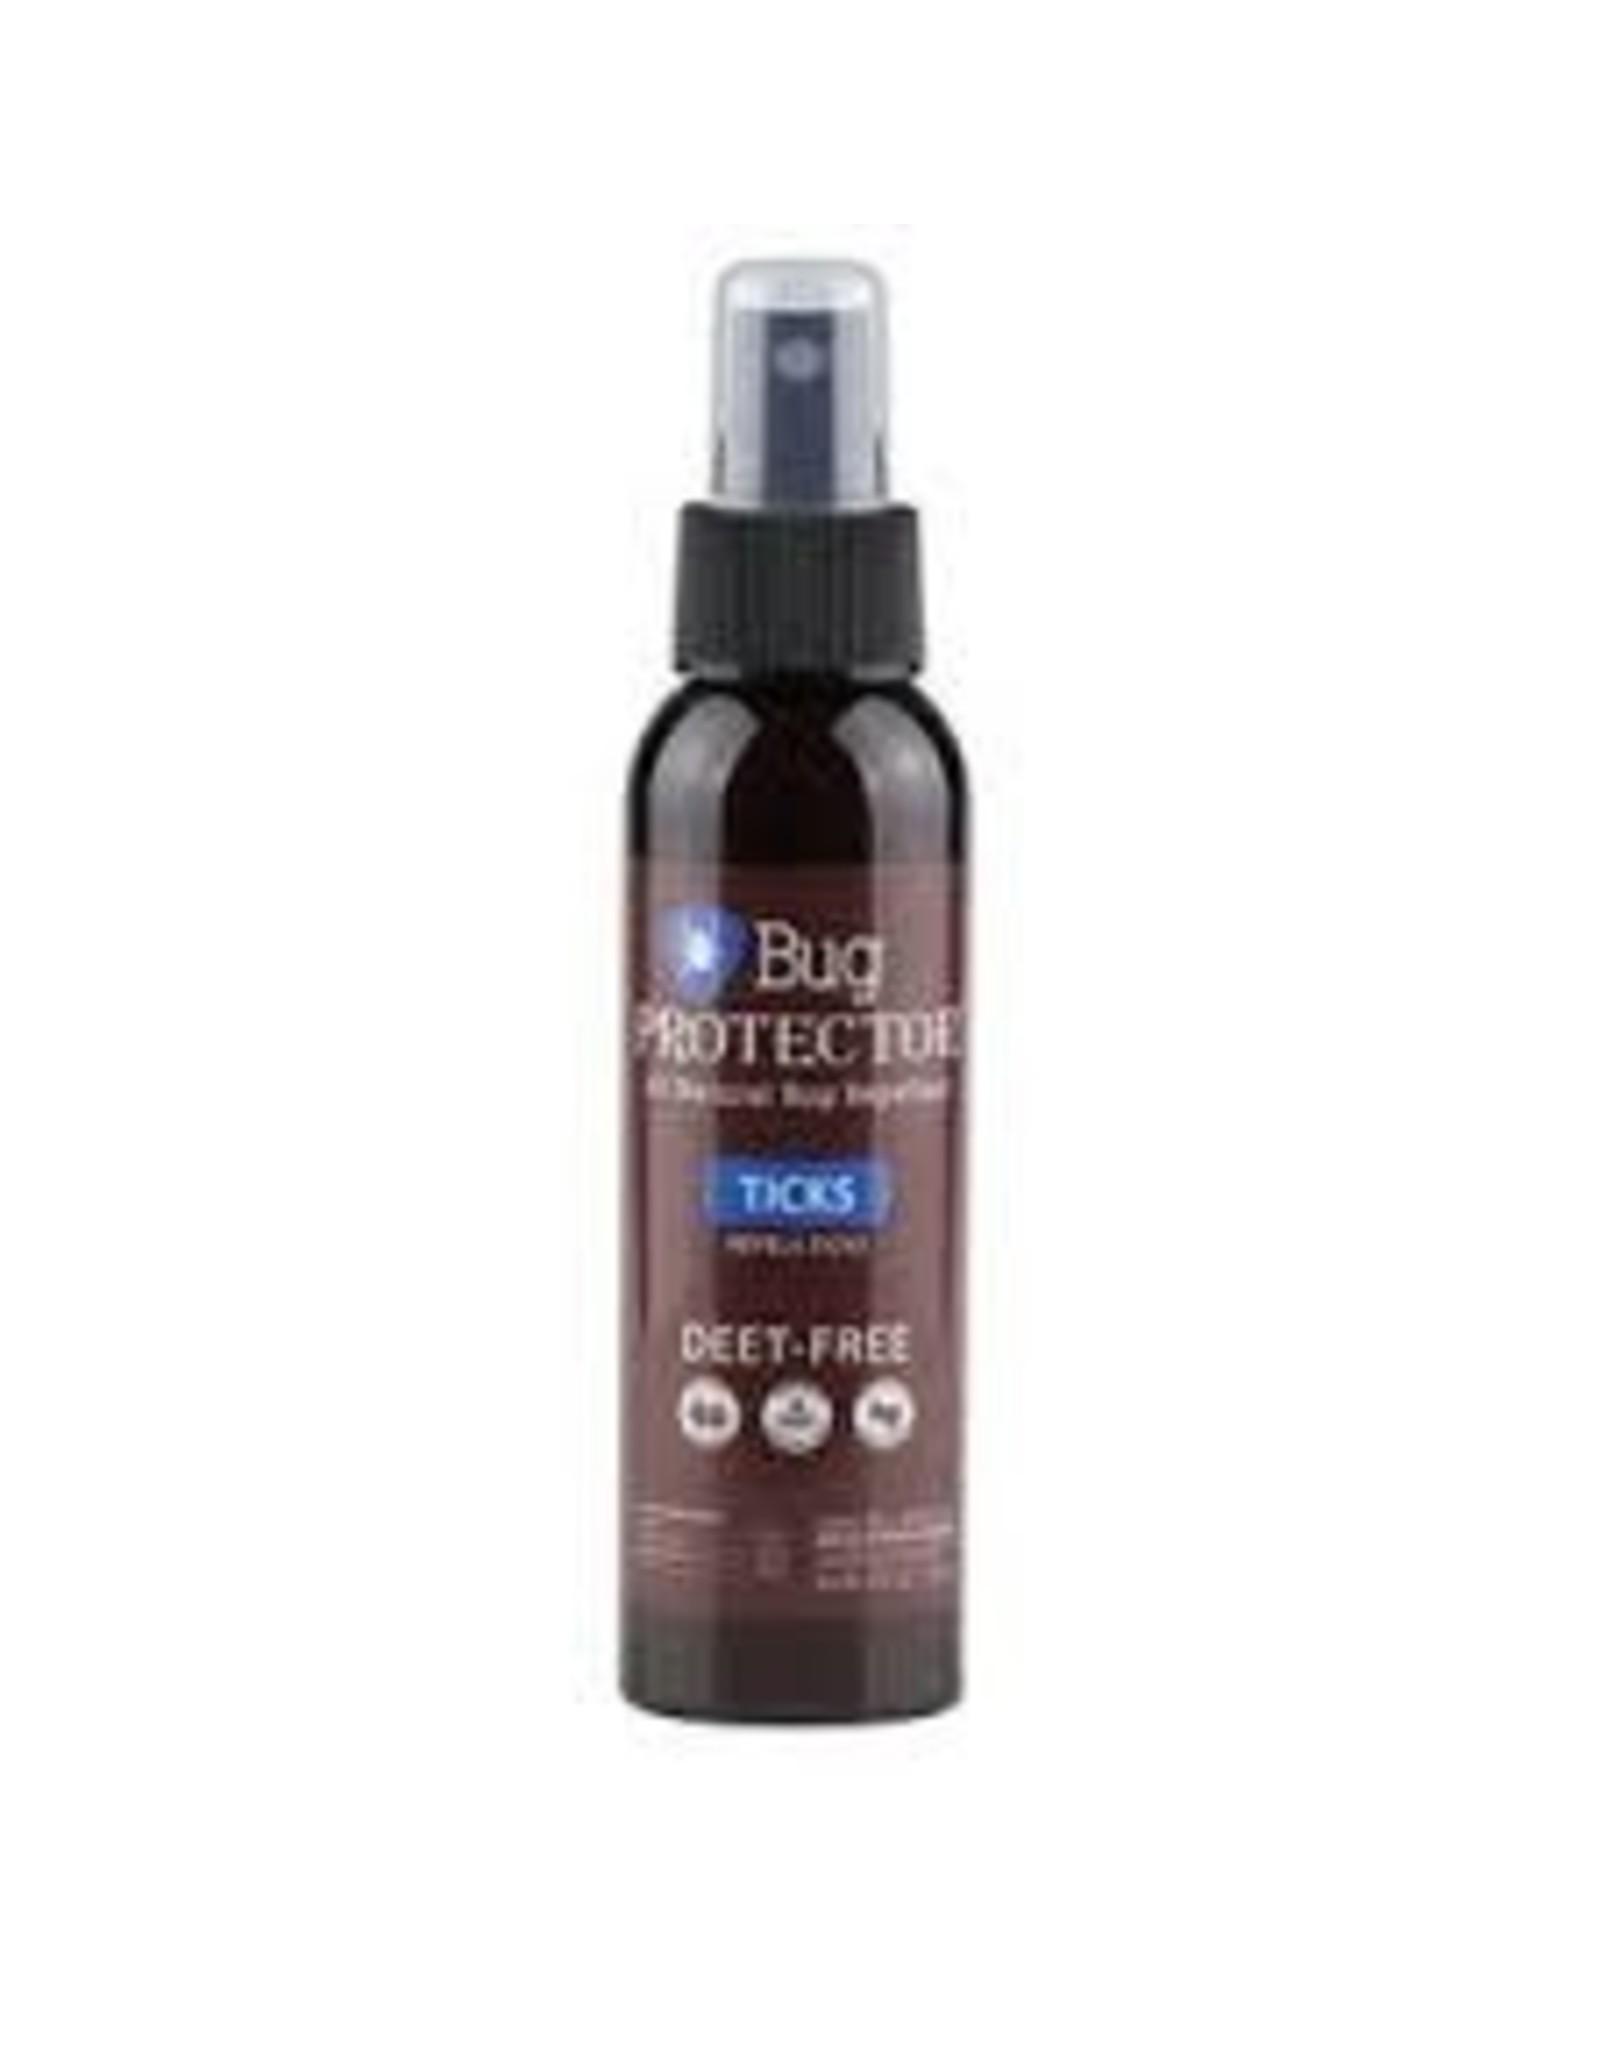 Bug Spray Bluerub Tick